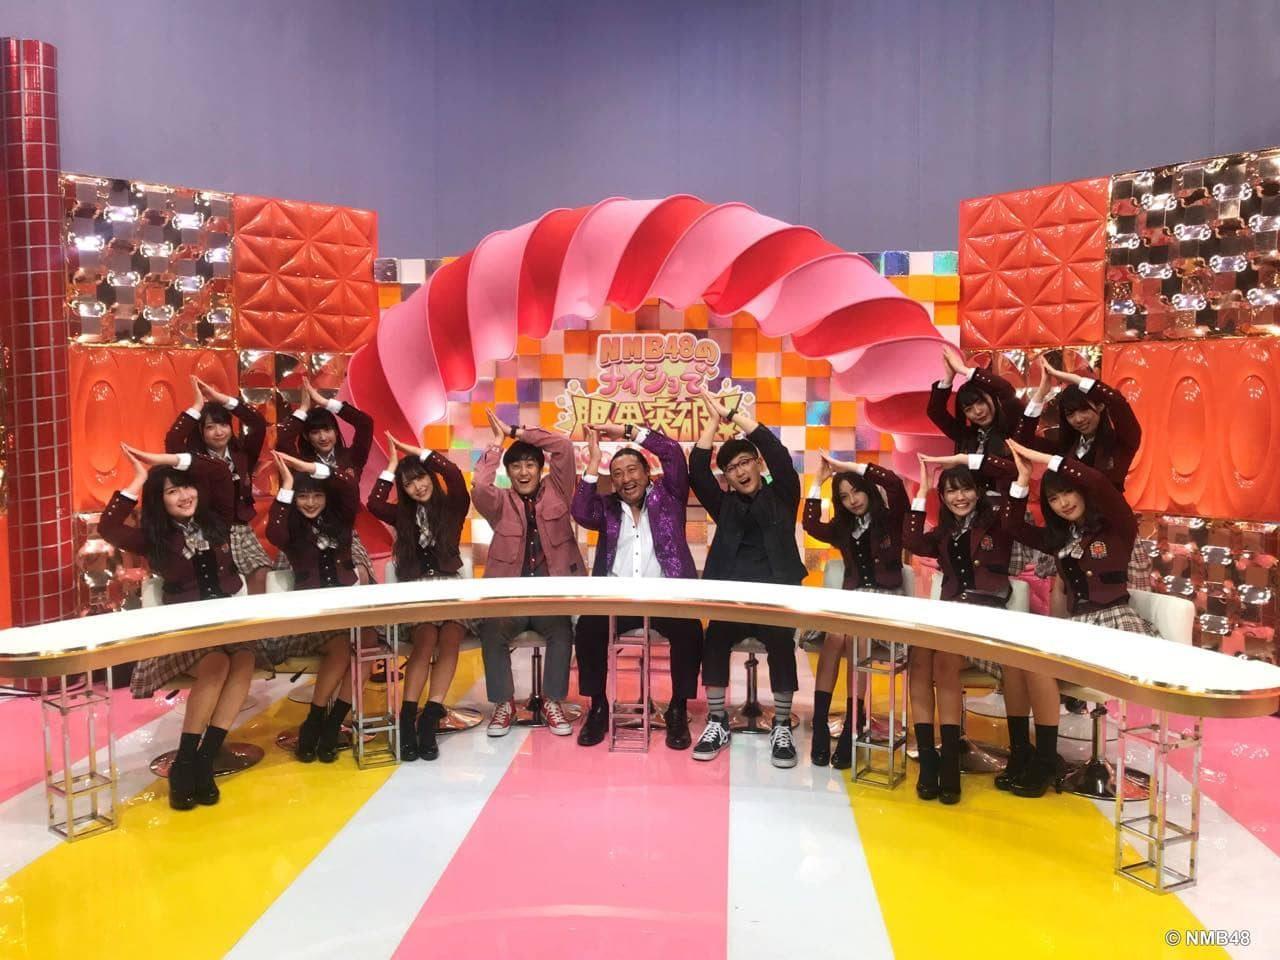 BSスカパー!「NMB48のナイショで限界突破!GO!GO!レボリューション!」 [1/27 18:00~]